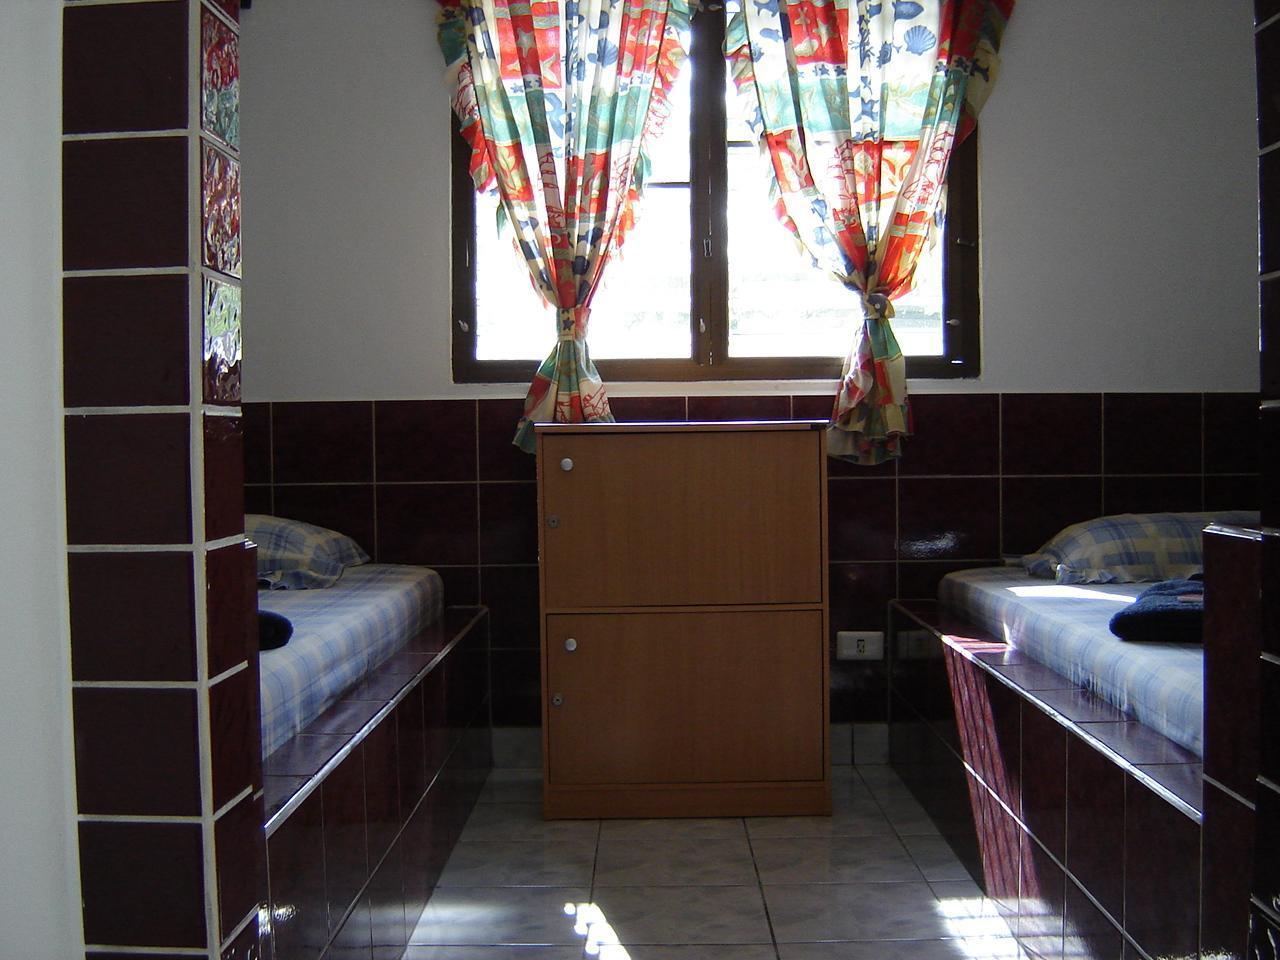 โรงแรมบัลลังก์ รีสอร์ตแอนด์สวิมมิงพูล